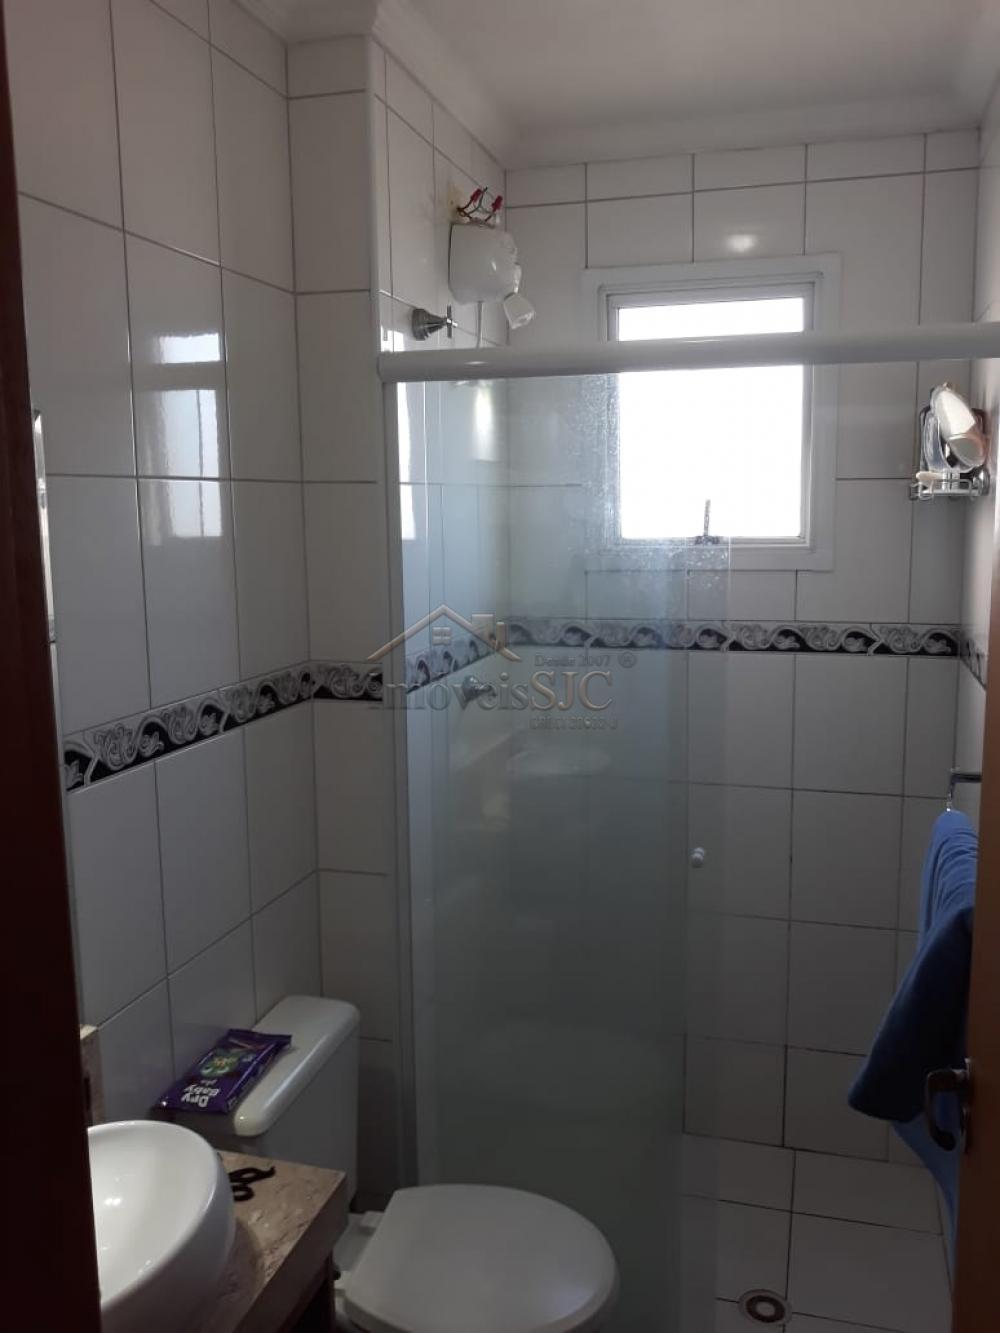 Comprar Apartamentos / Padrão em São José dos Campos apenas R$ 295.000,00 - Foto 15